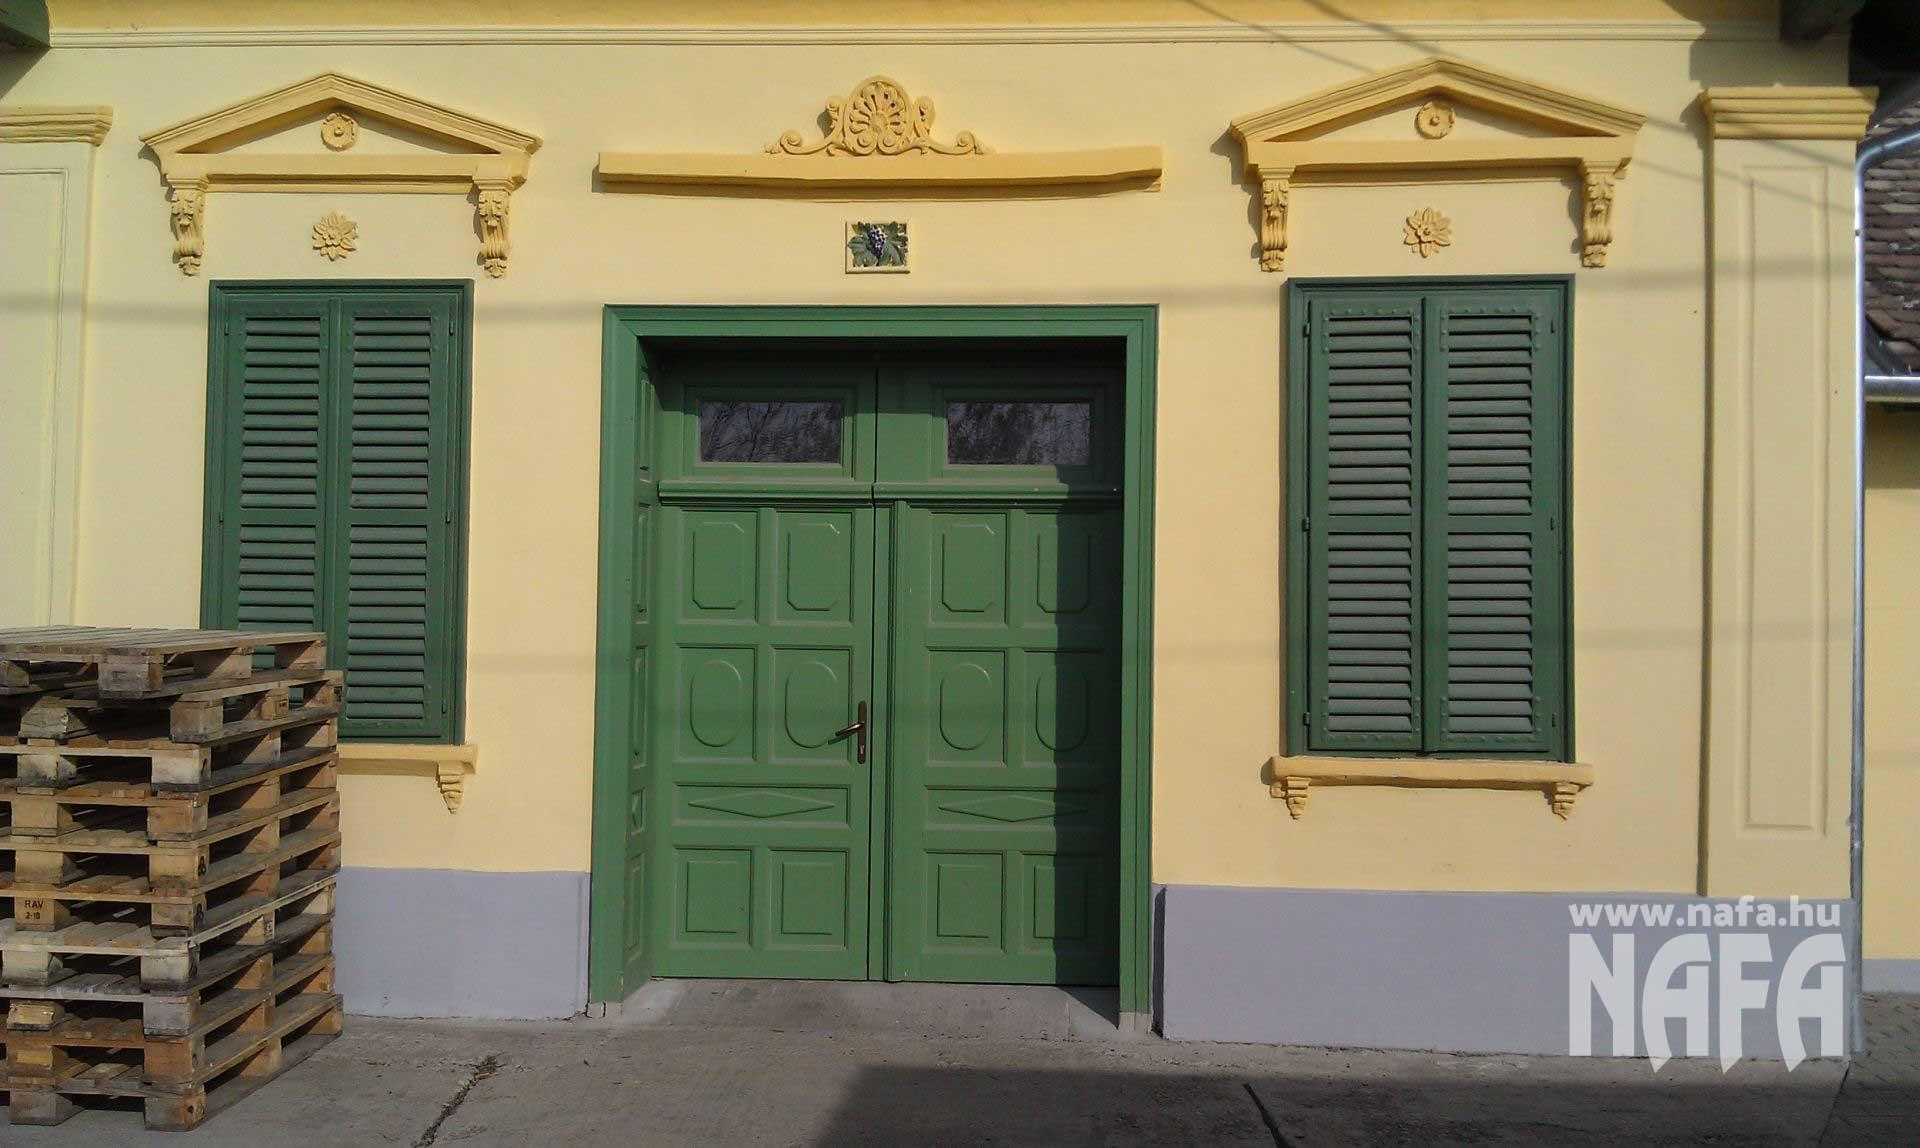 Zsalu ablak és ajtó egyedi festett, Tokaj Pince